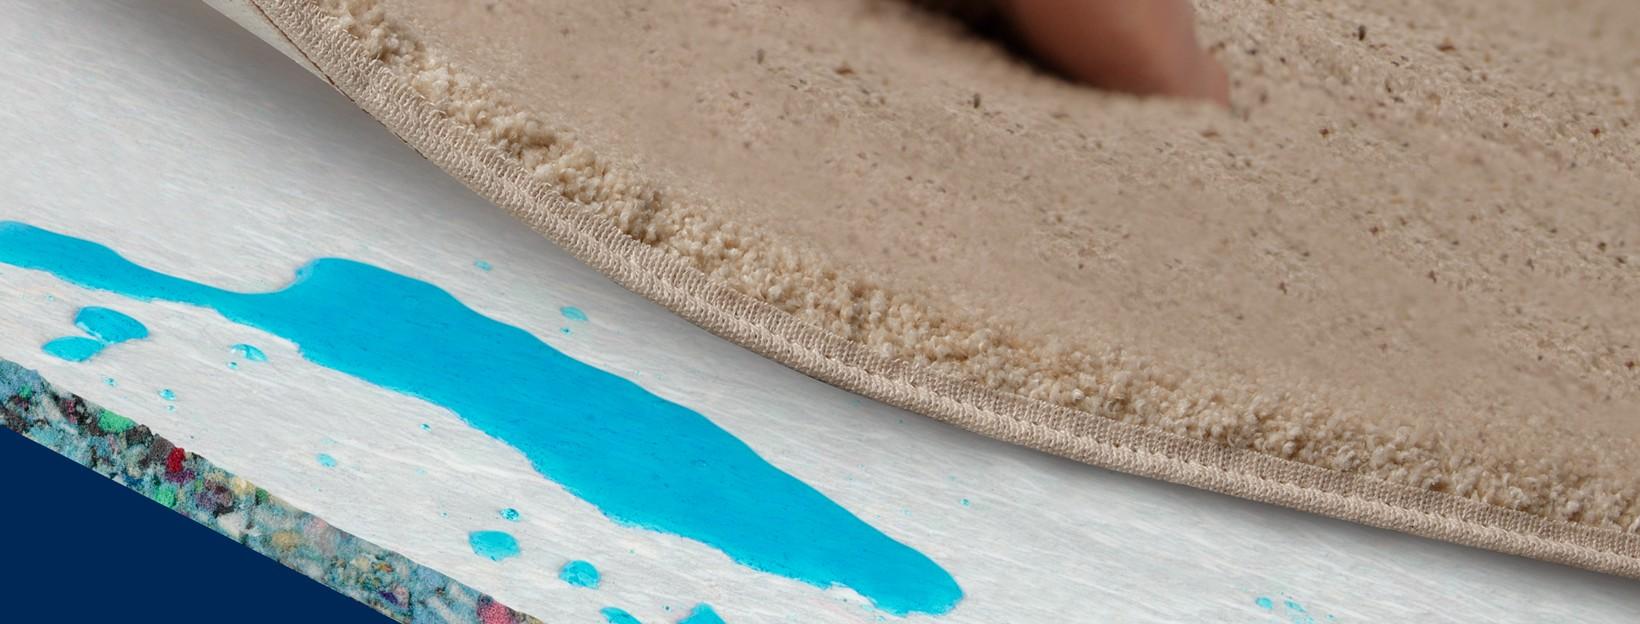 Leggett & Platt Flooring Products